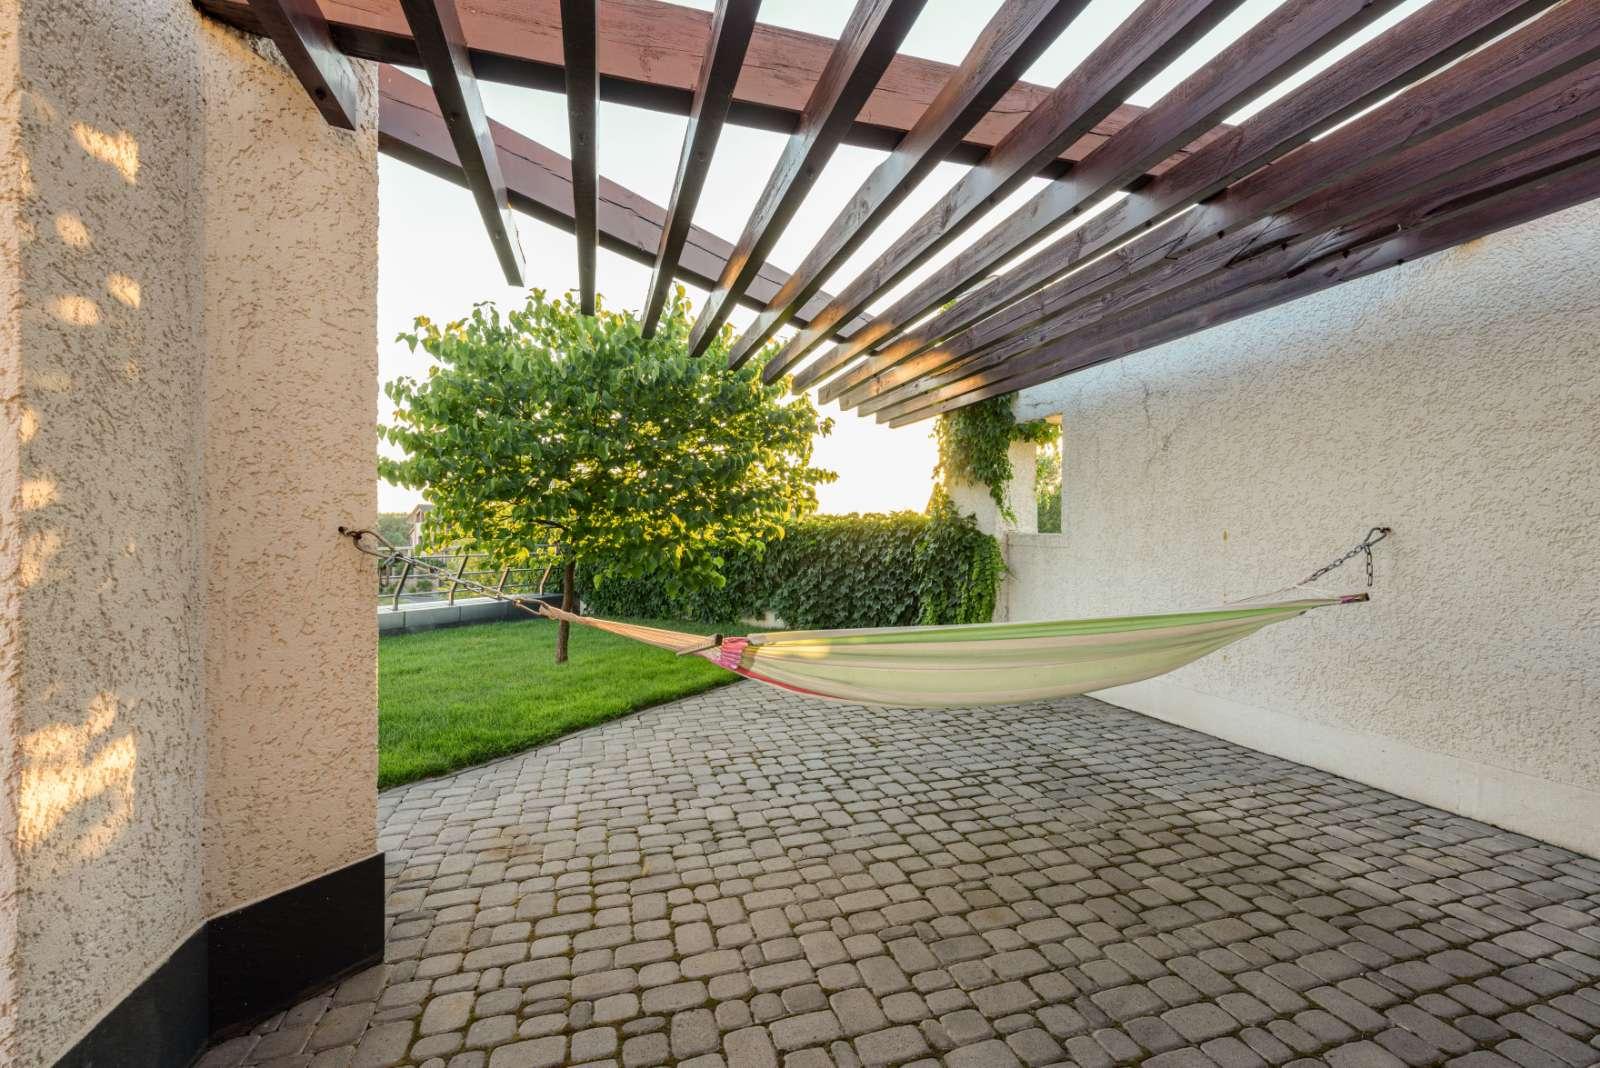 Проект дома с плоской кровлей, панорамными окнами и террасами - проект Эбро 2020.07